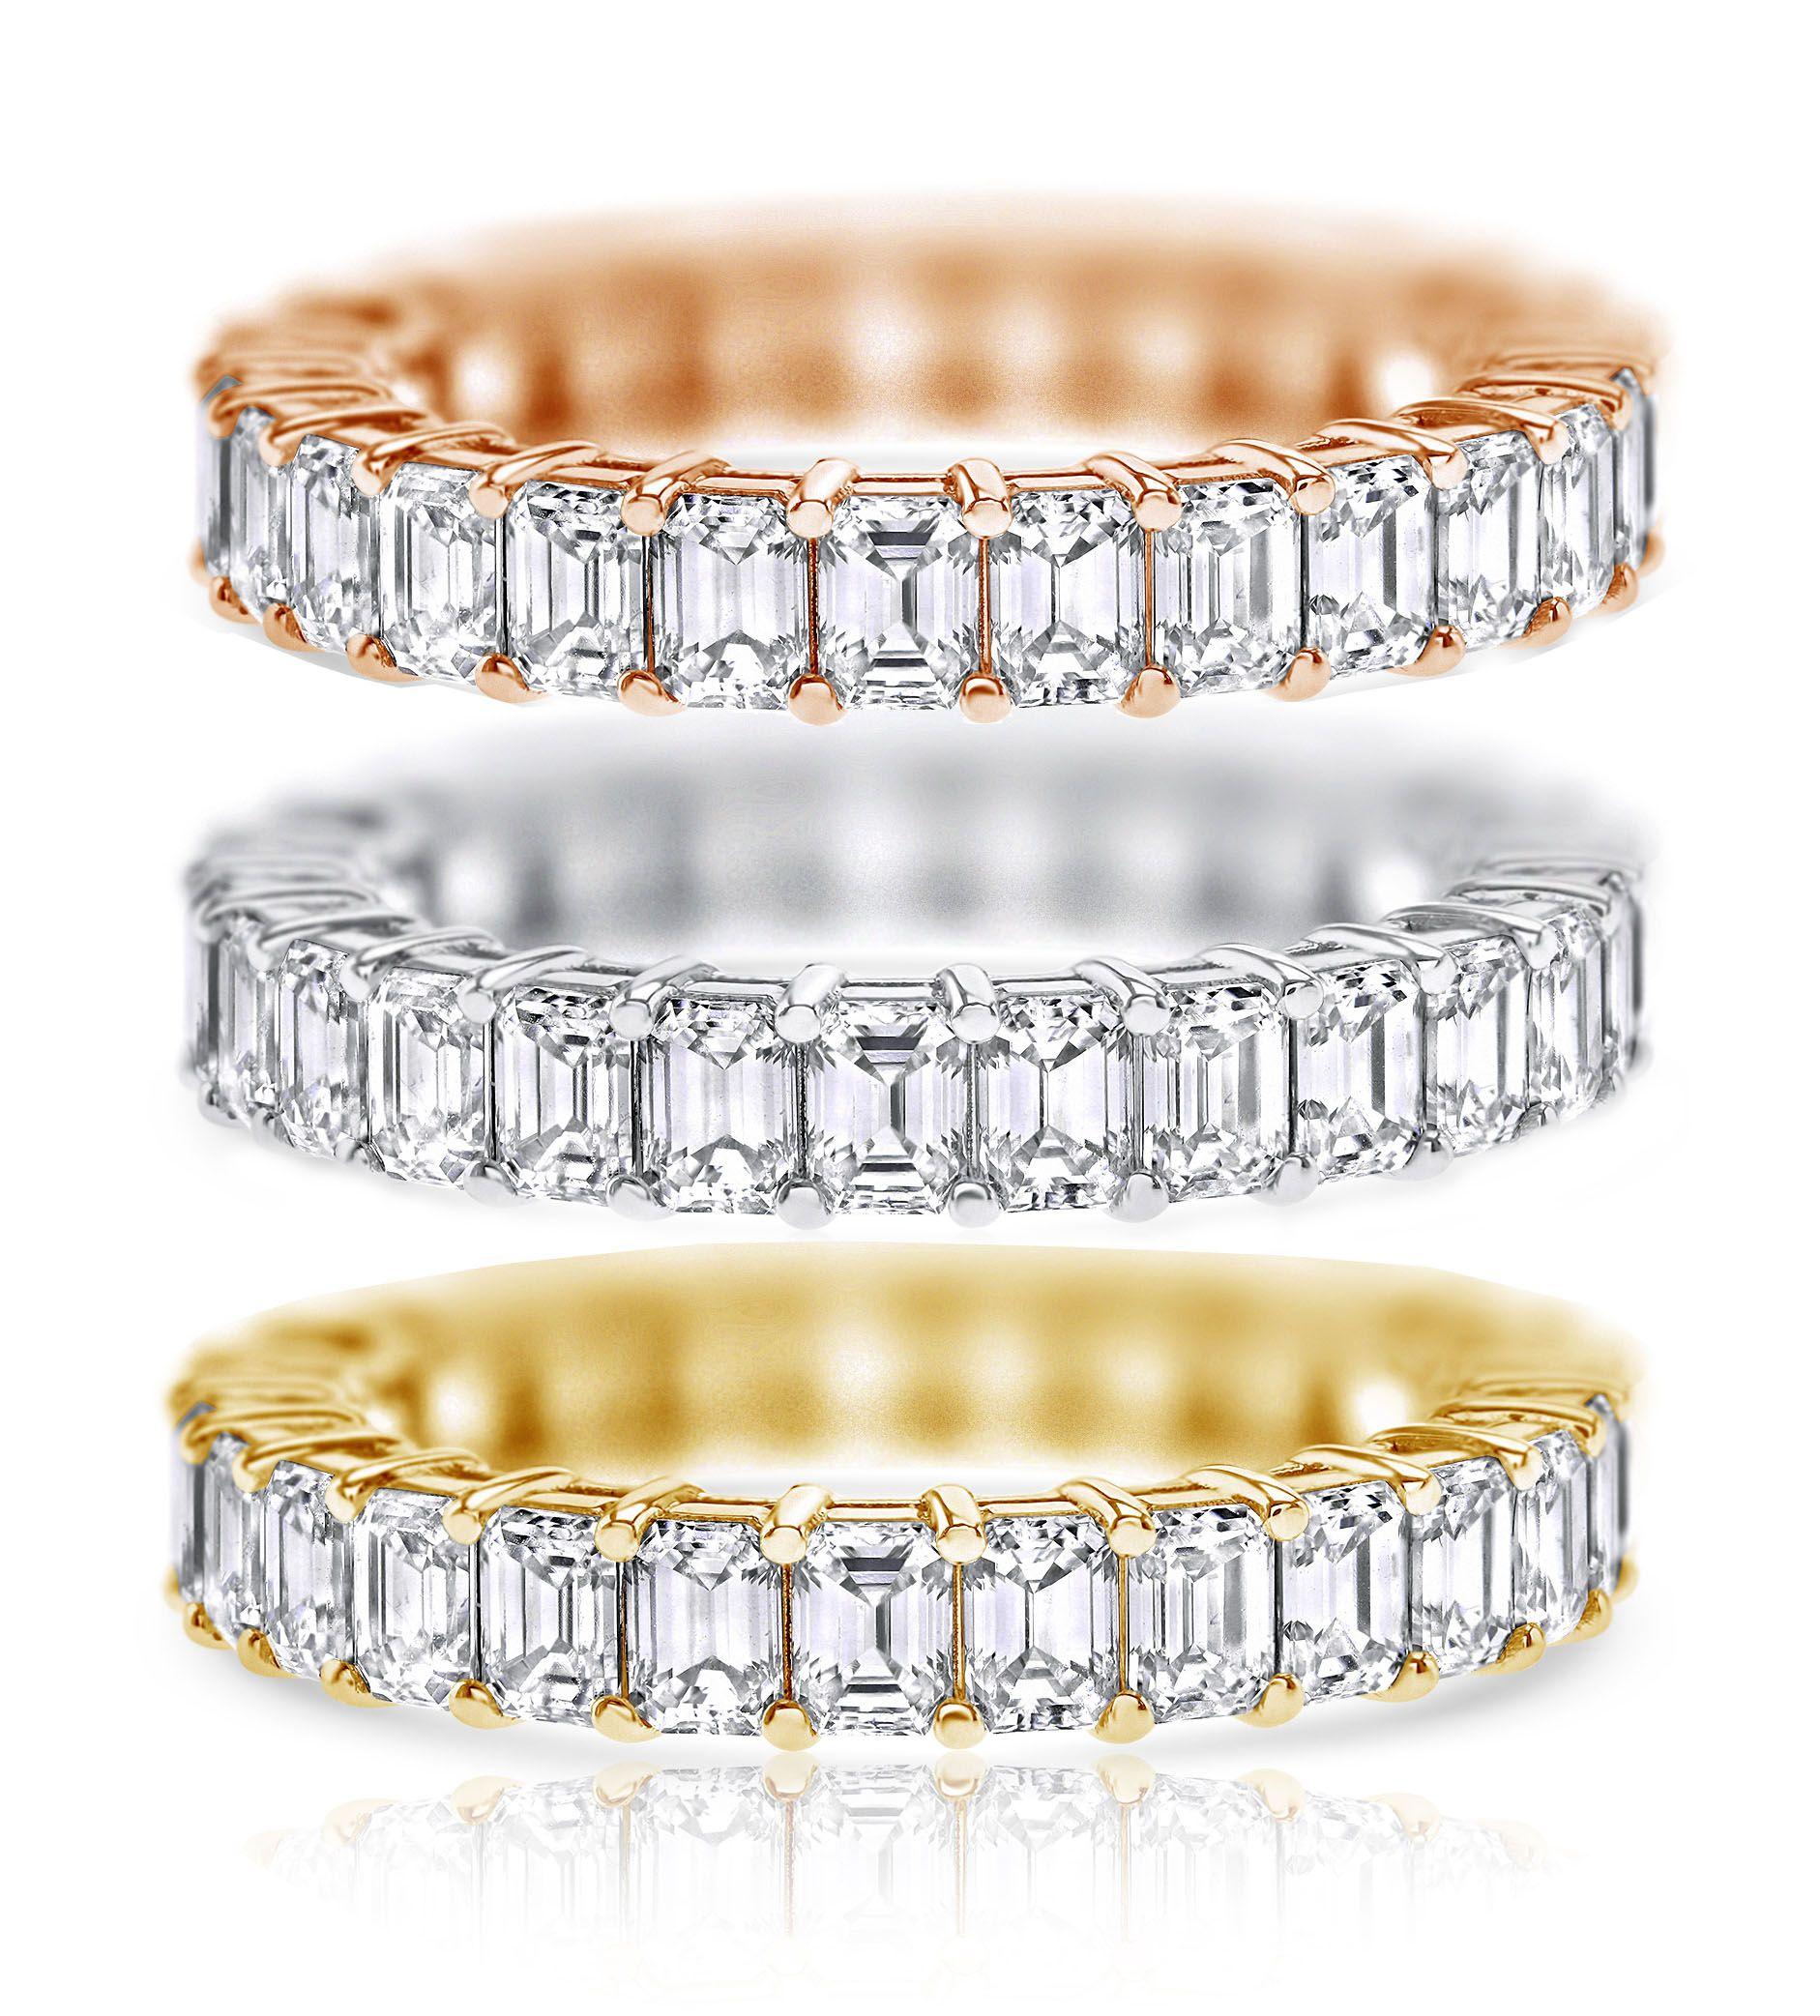 3.63 ct Emerald cut Eternity Ring, D-E-F color, VVS Clarity, 18K